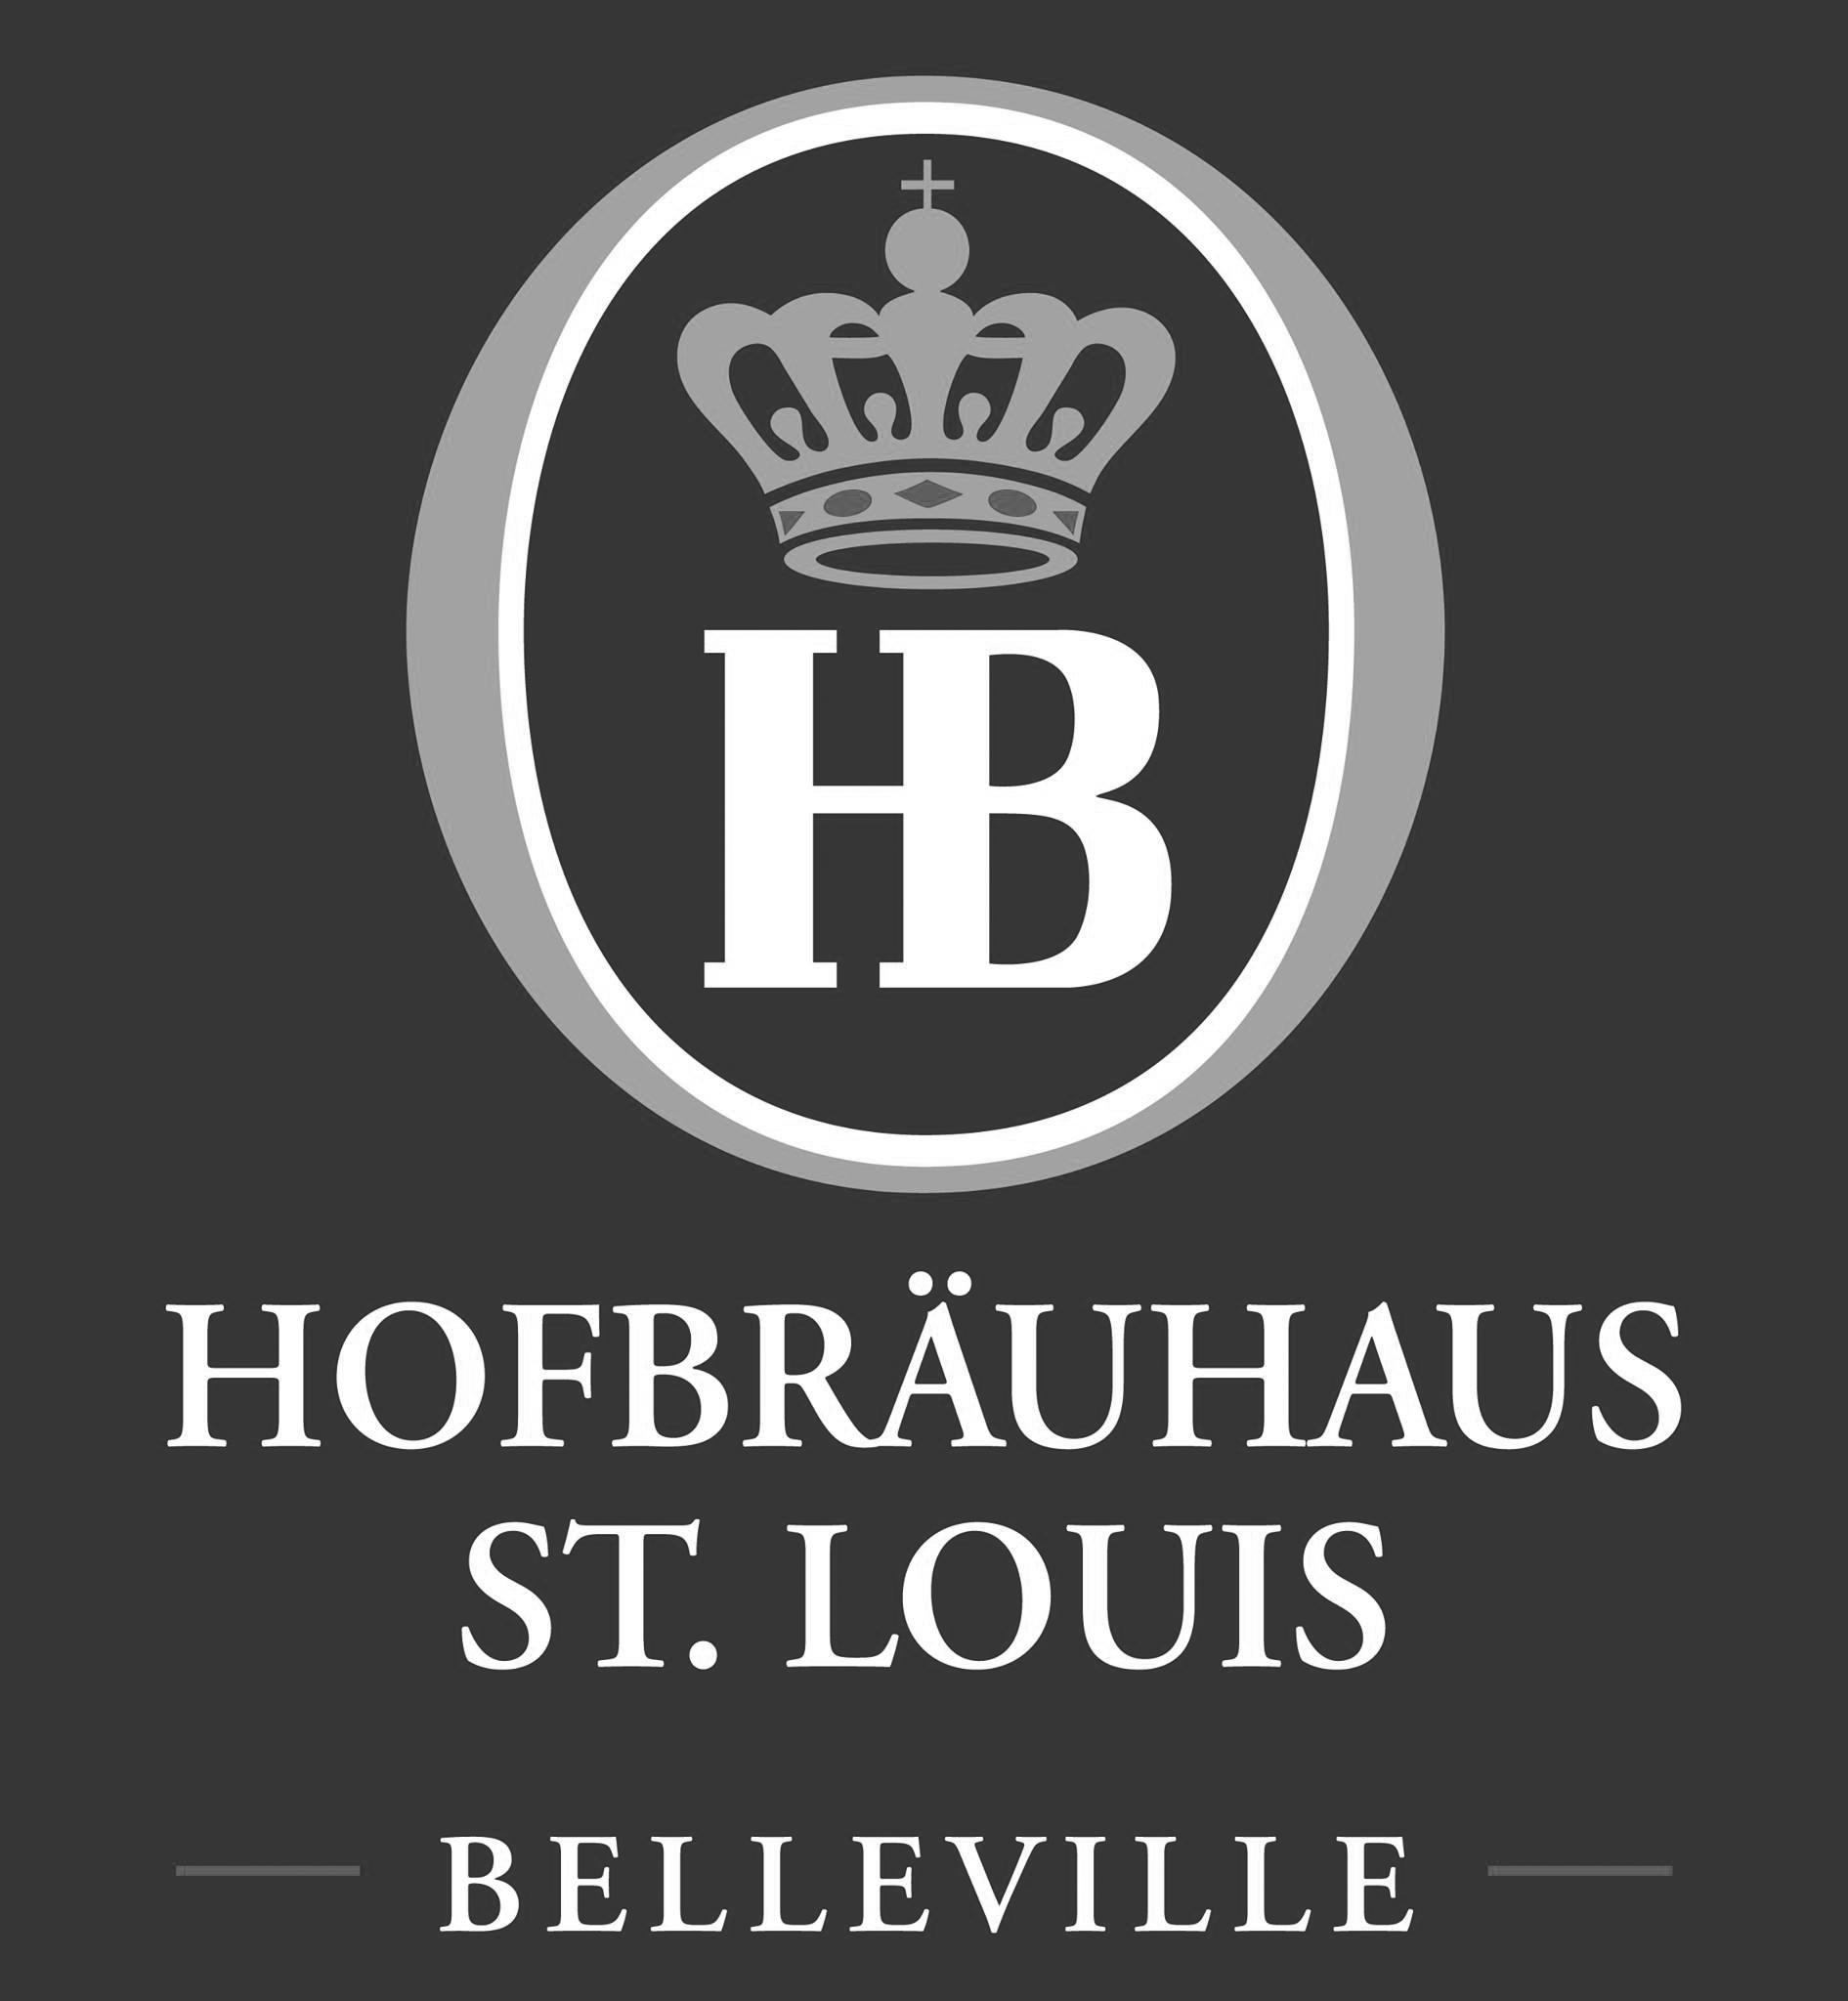 Hofbräuhaus St. Louis - Belleville